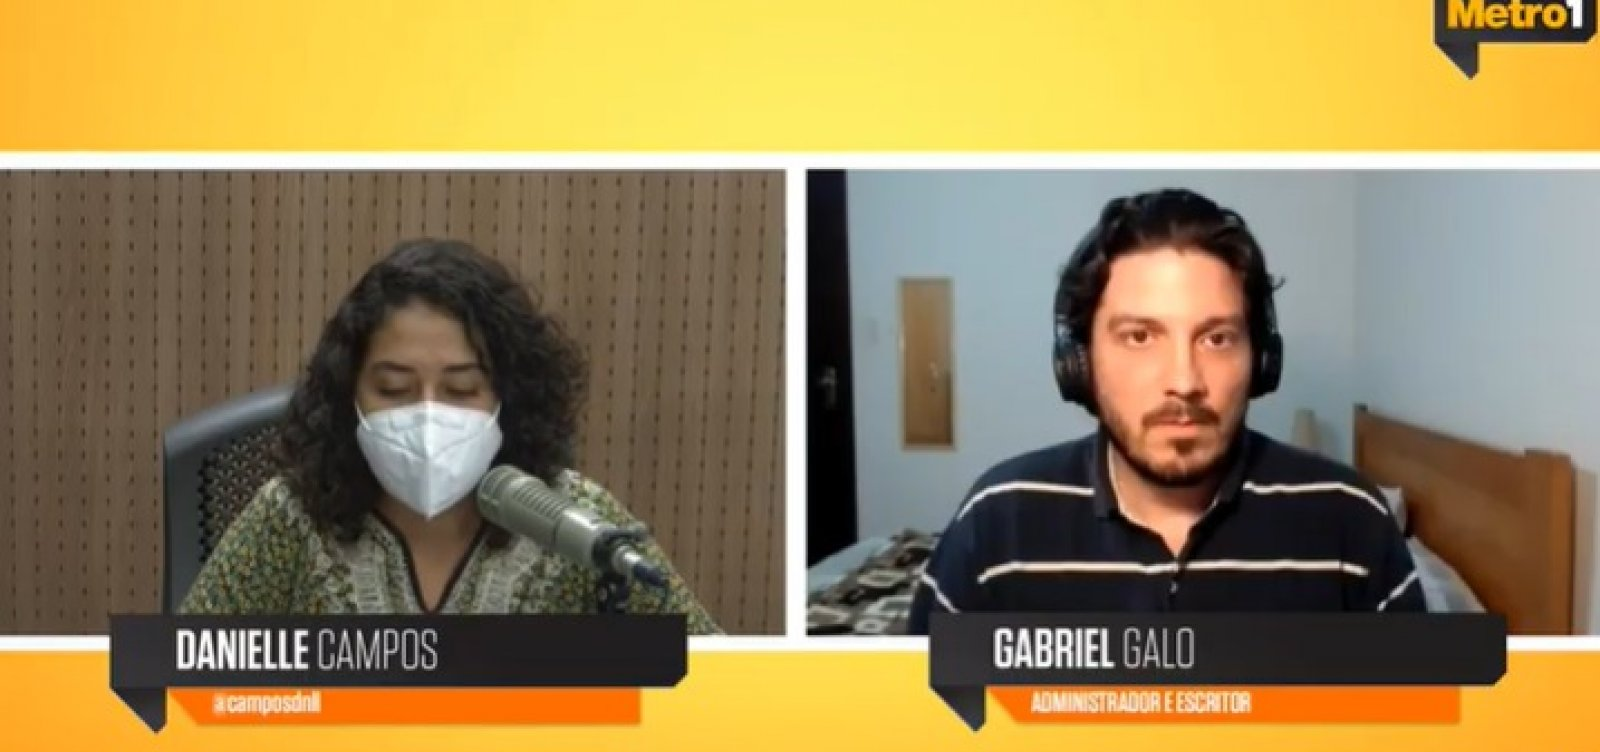 Gabriel Galo lança livros para contar situações inusitadas